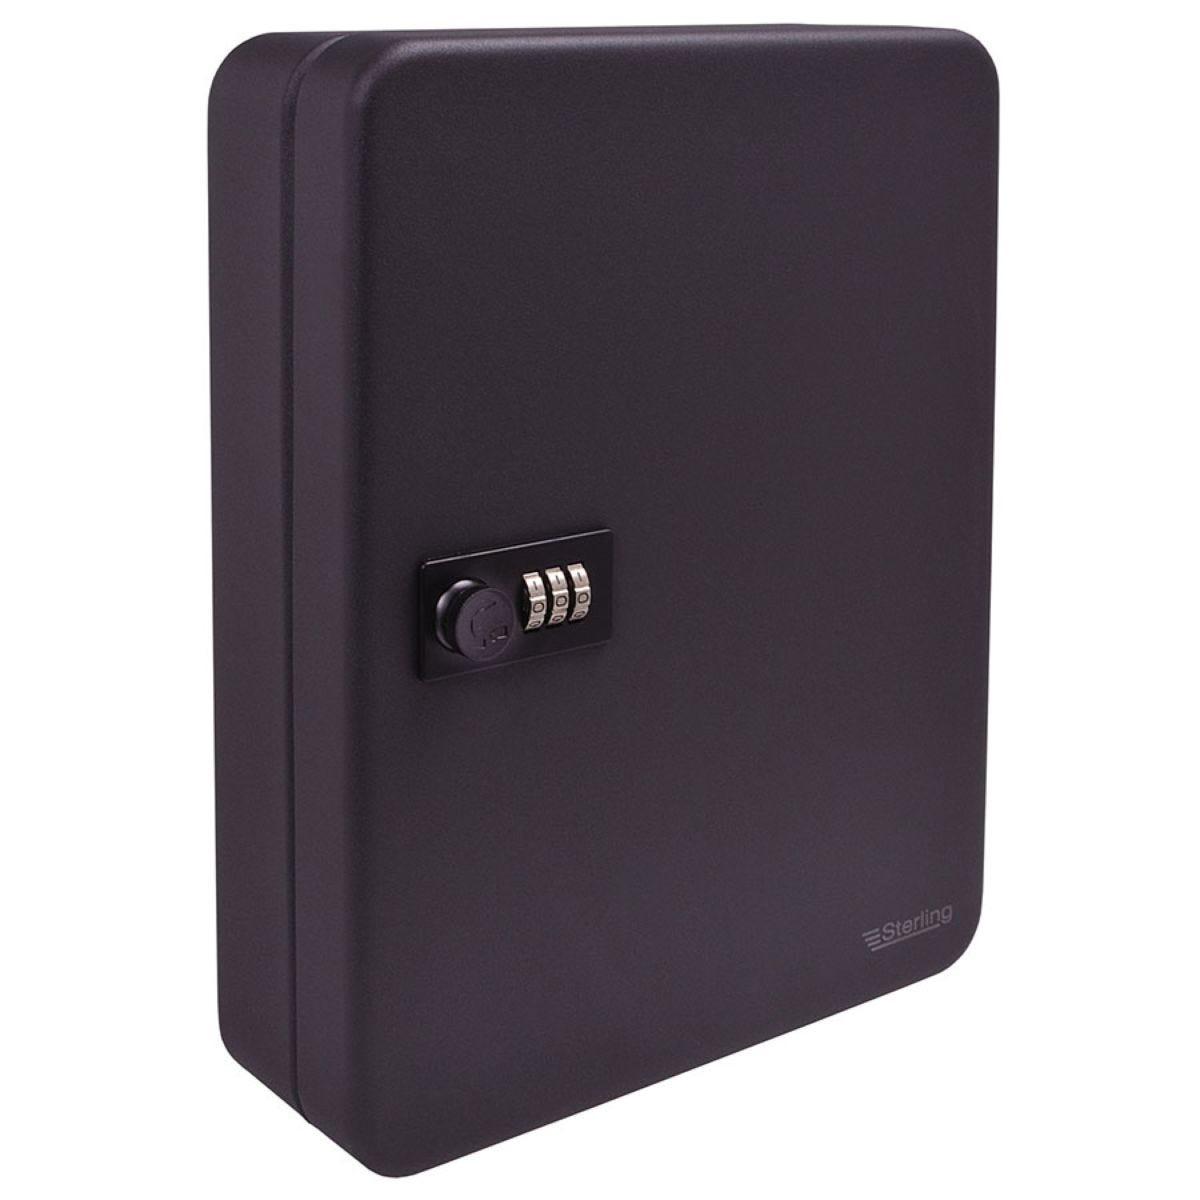 Sterling Combination Lock Key Cabinet - 20 keys